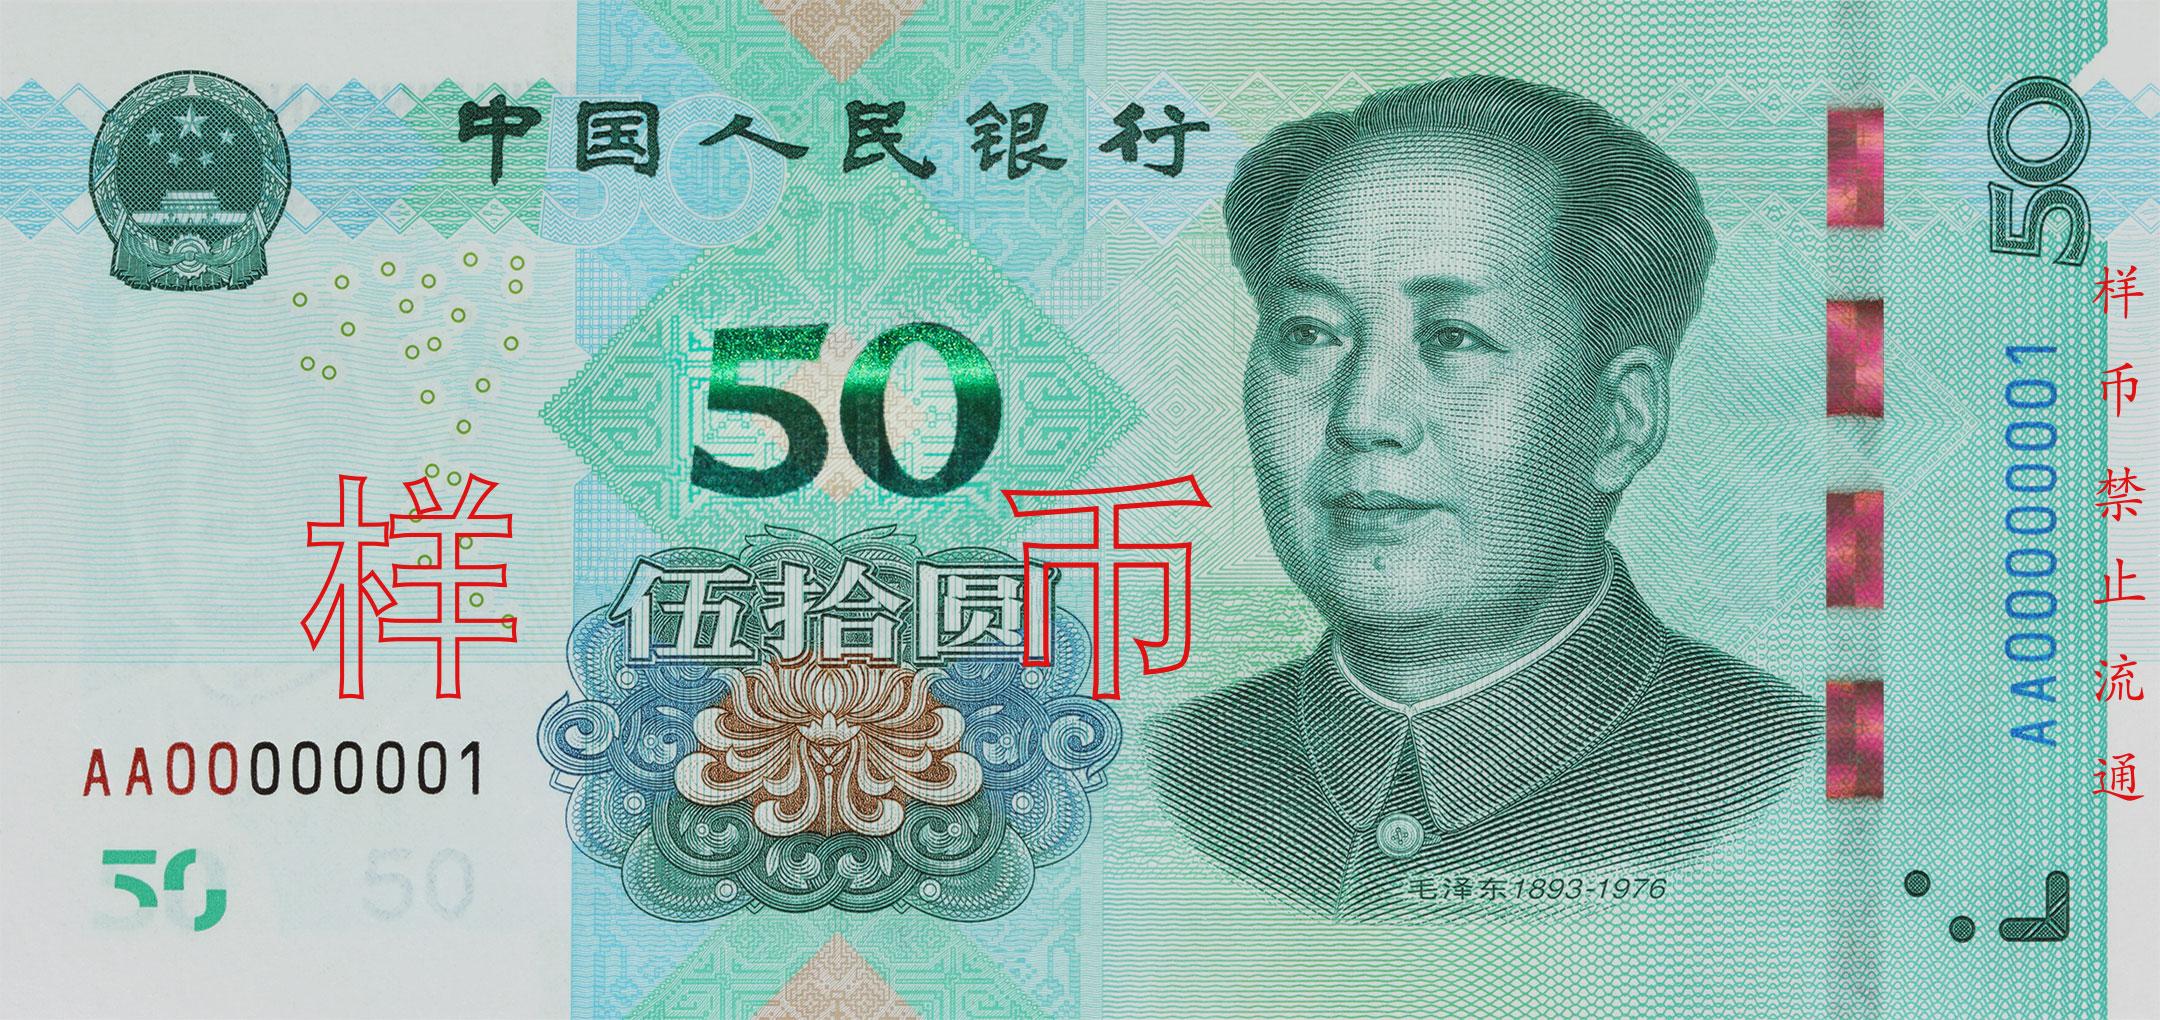 rmb2019-50-zheng_big.jpg